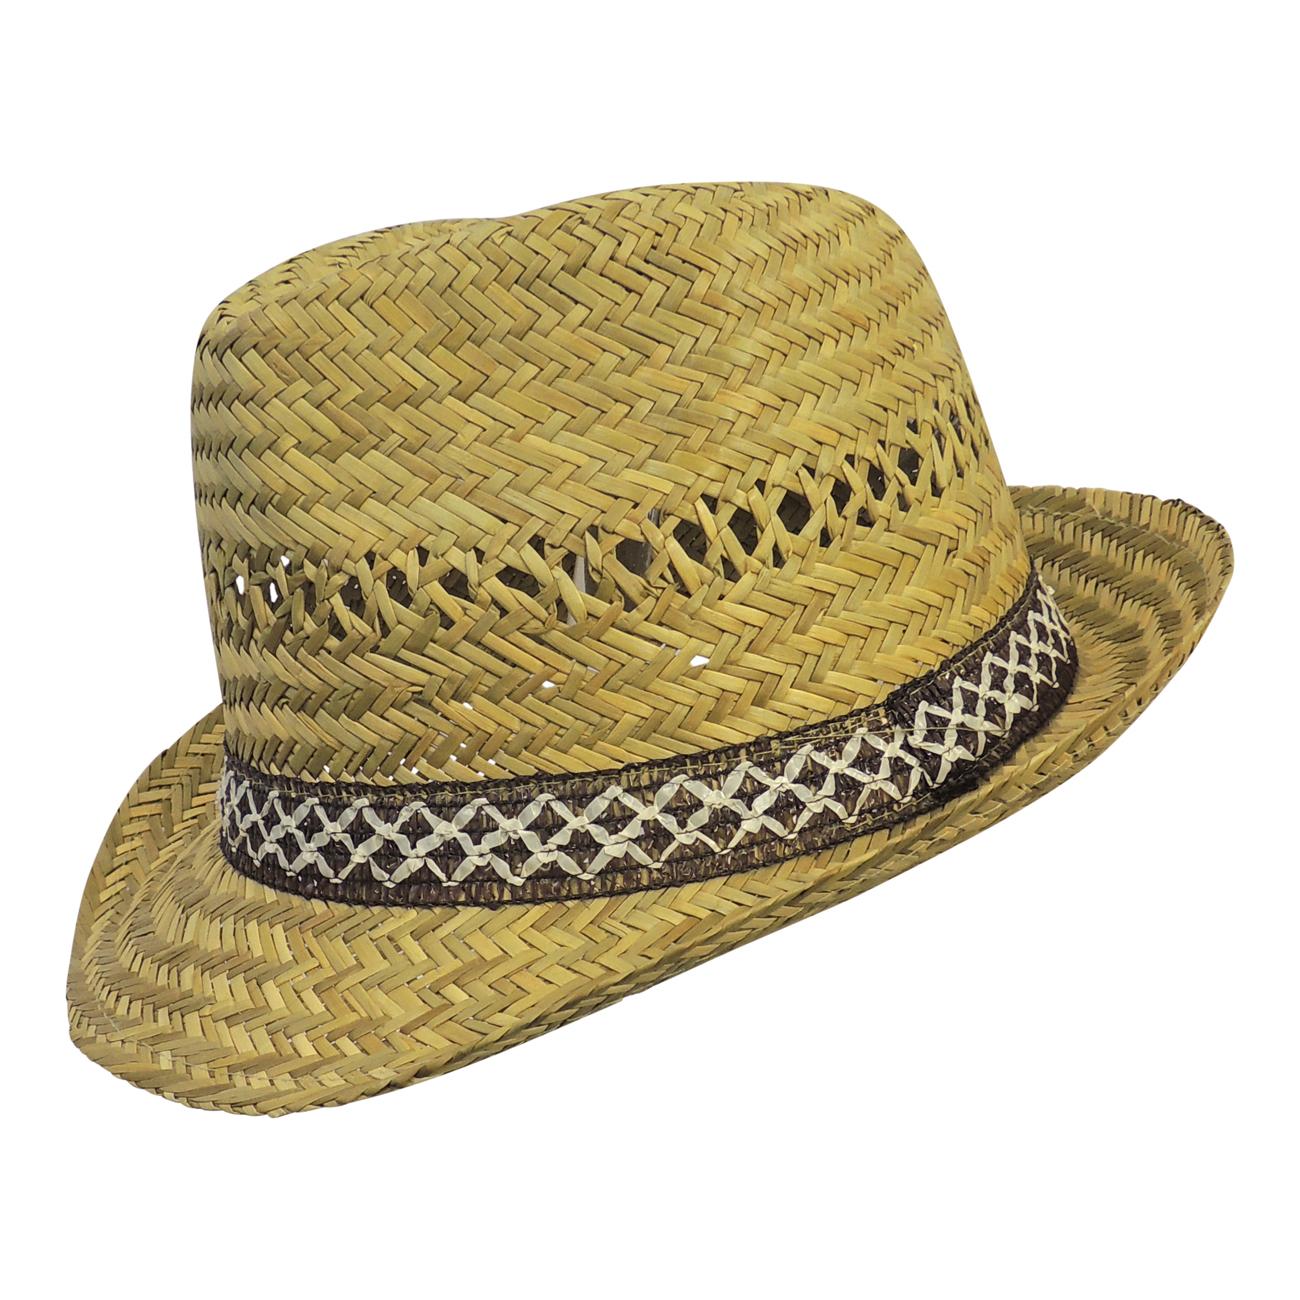 Nuovo Retrò 1940s Anni 50 Uomo Paglia Cappello di Feltro Stile ... f77c9fa40ede